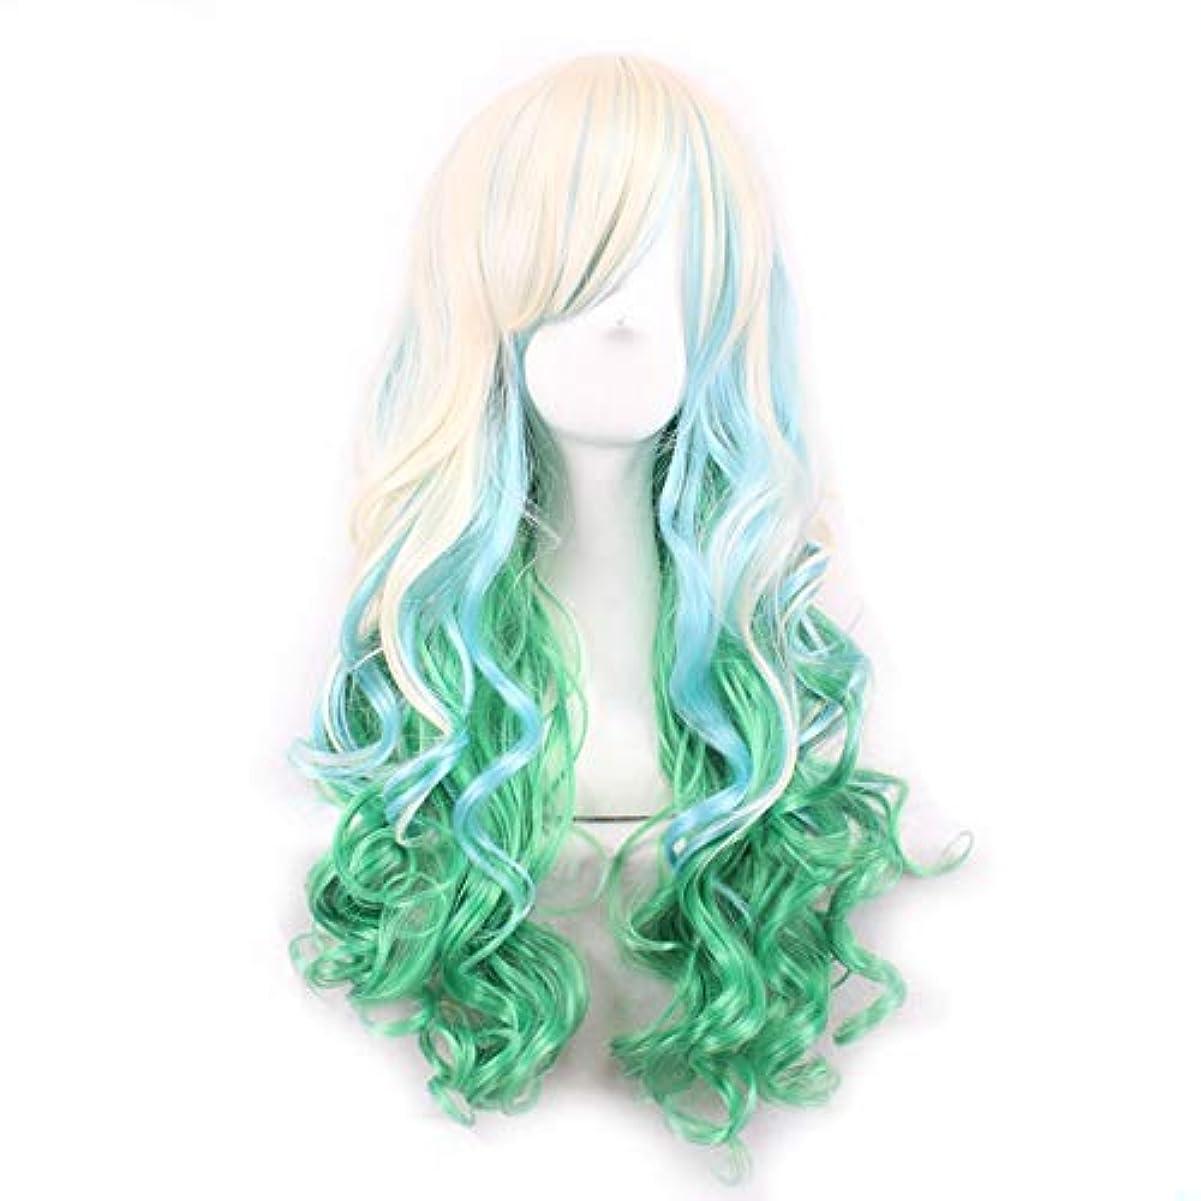 穀物進化粘り強いウィッグキャップでかつらファンシードレスカールかつら女性用高品質合成毛髪コスプレ高密度かつら女性&女の子用グリーン、ダークグリーン (Color : 緑)